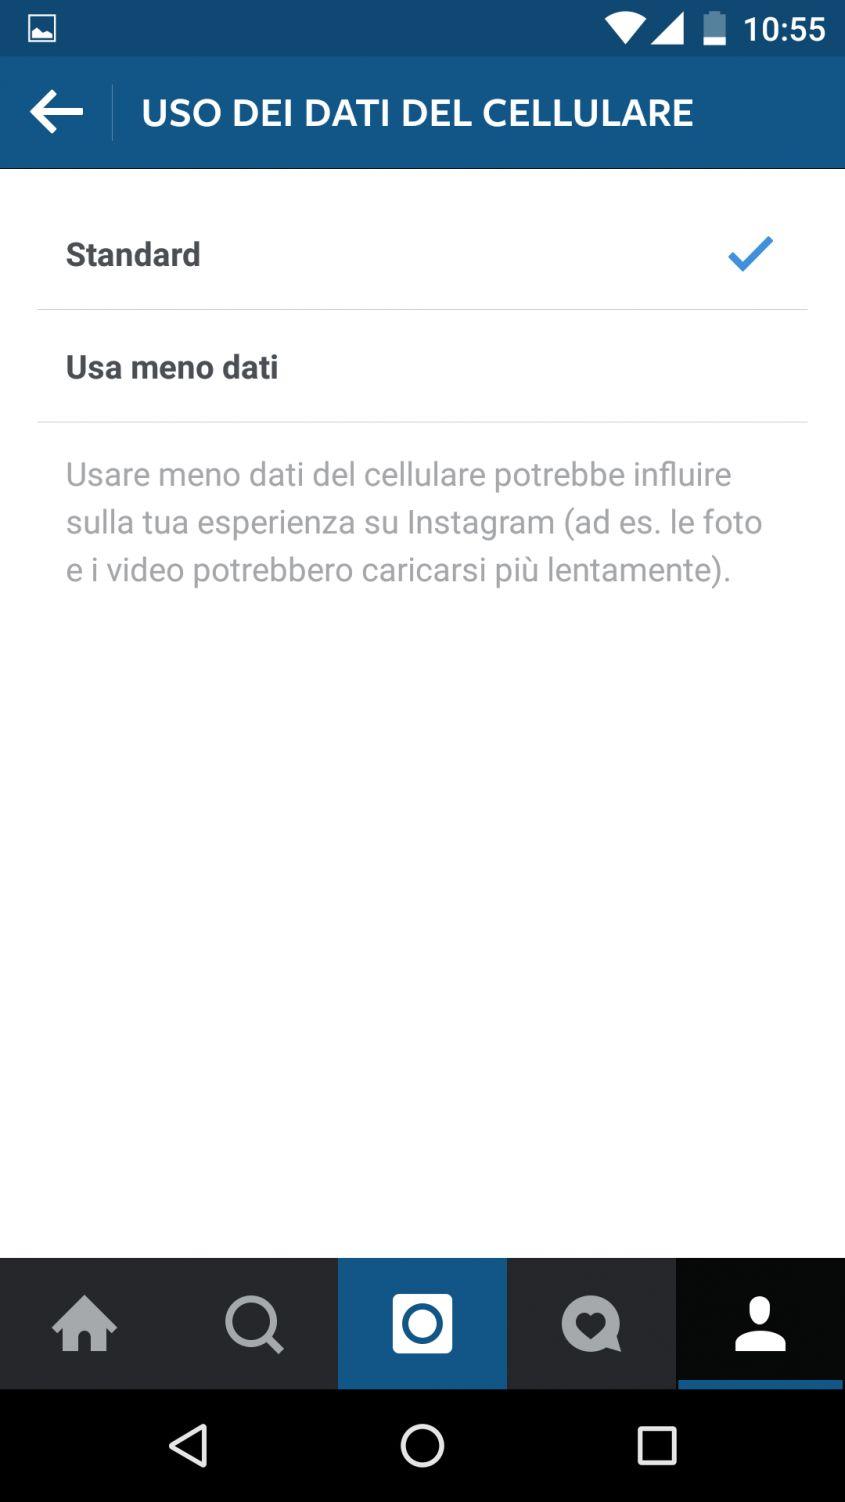 Uso dati cellulare